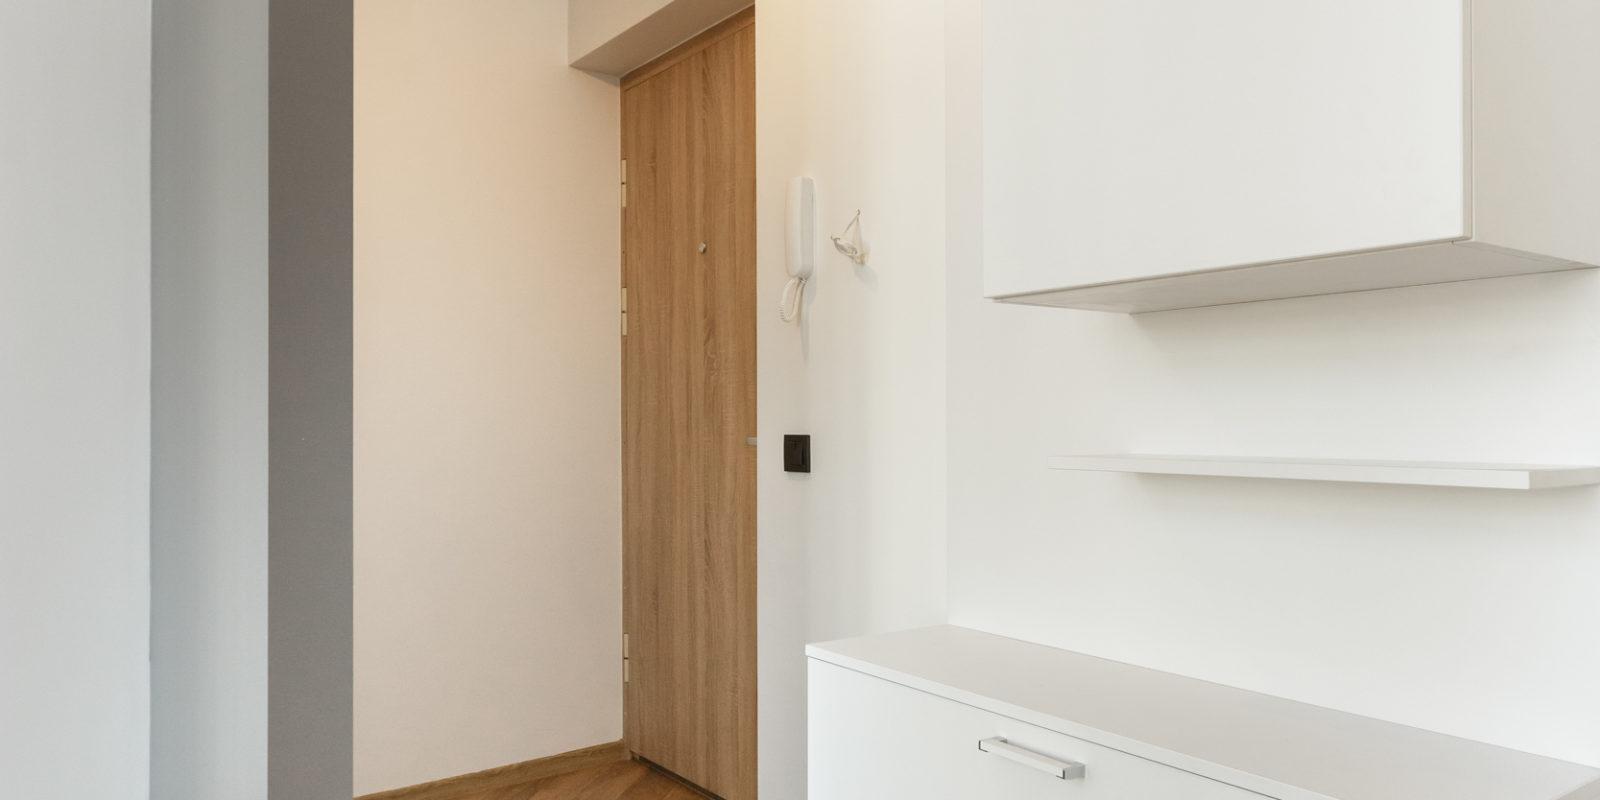 Praktiškas interjeras 2 kambarių bute